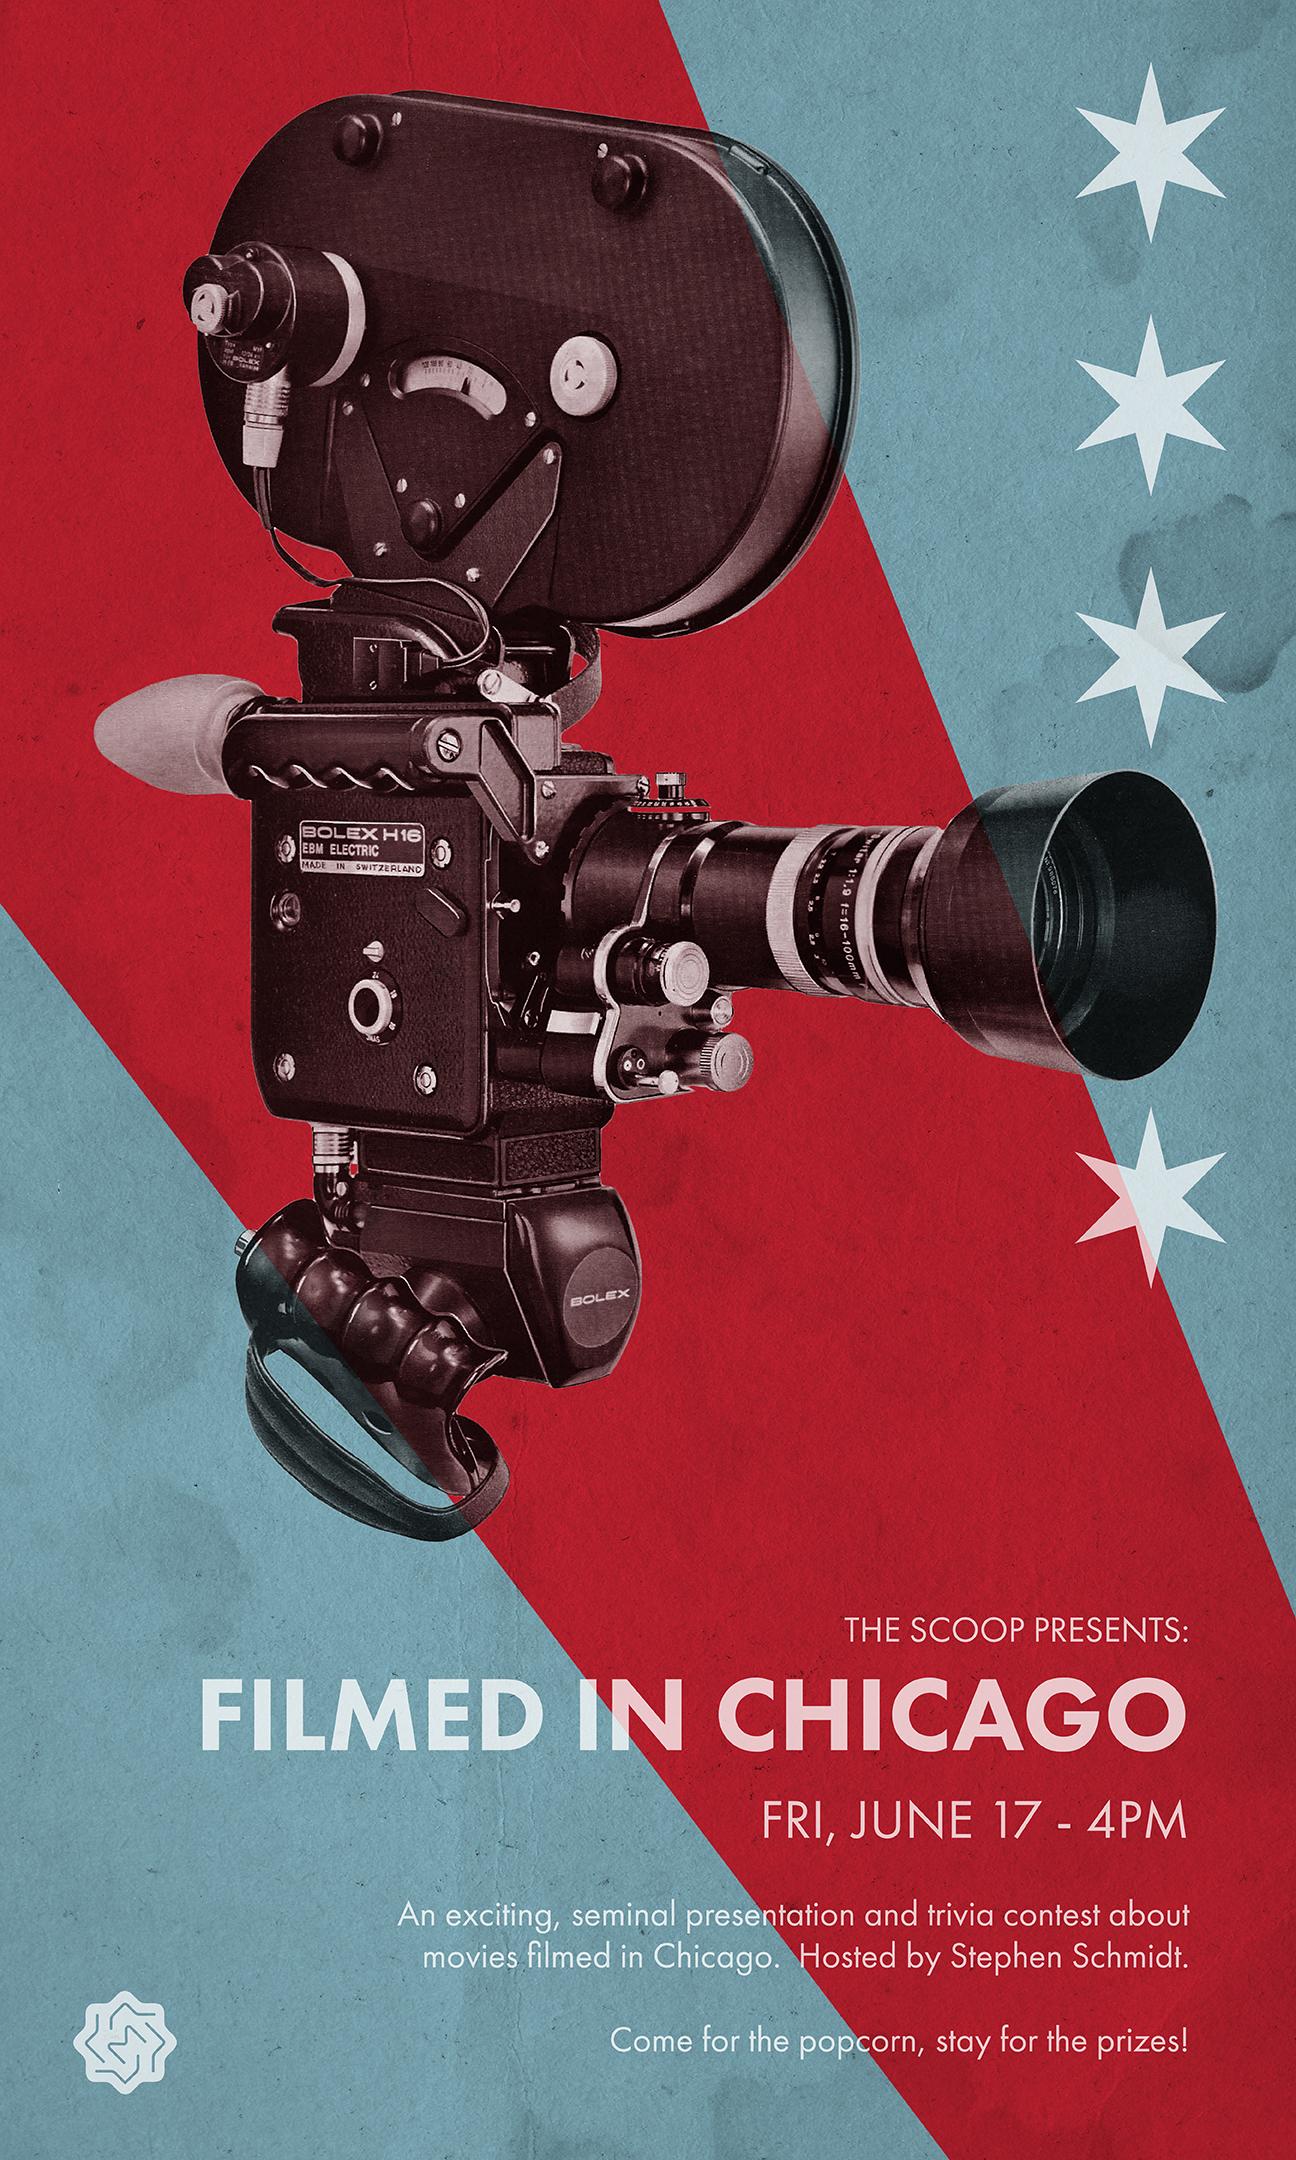 Filmed in Chicago        Poster